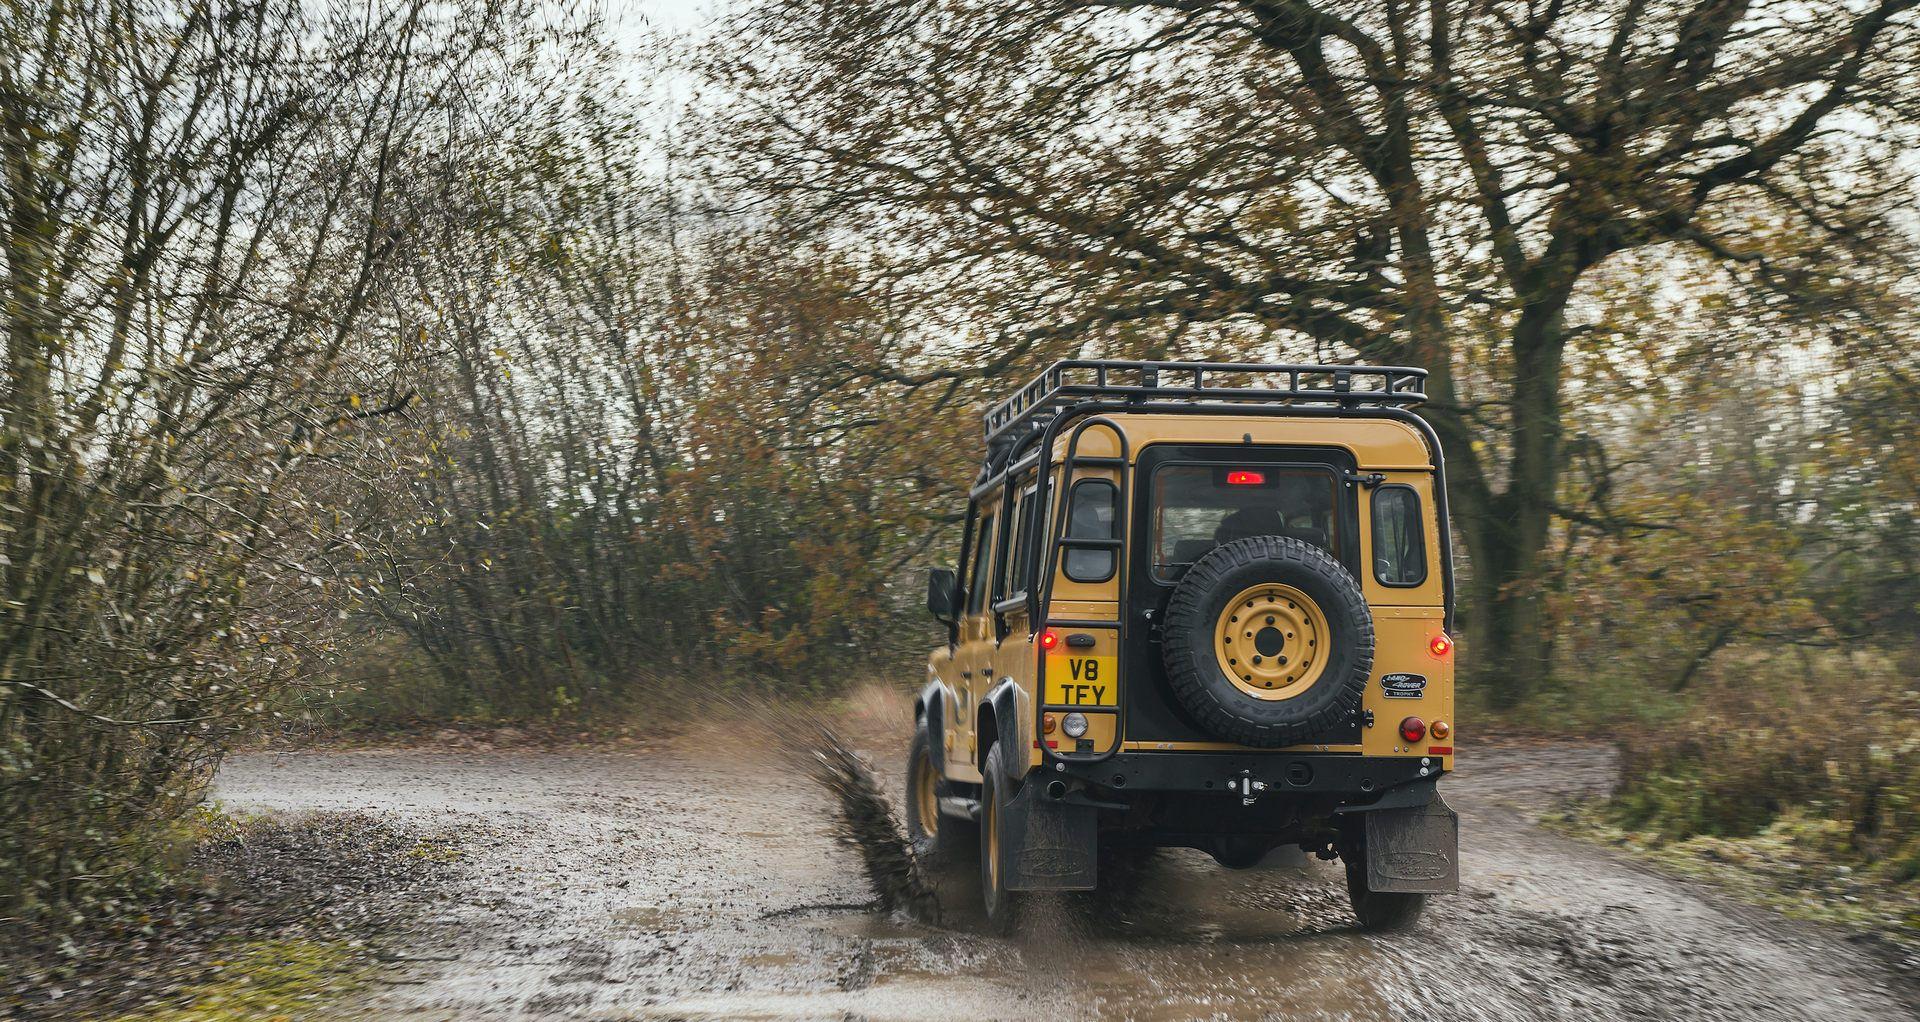 Land-Rover-Defender-Works-V8-Trophy-14